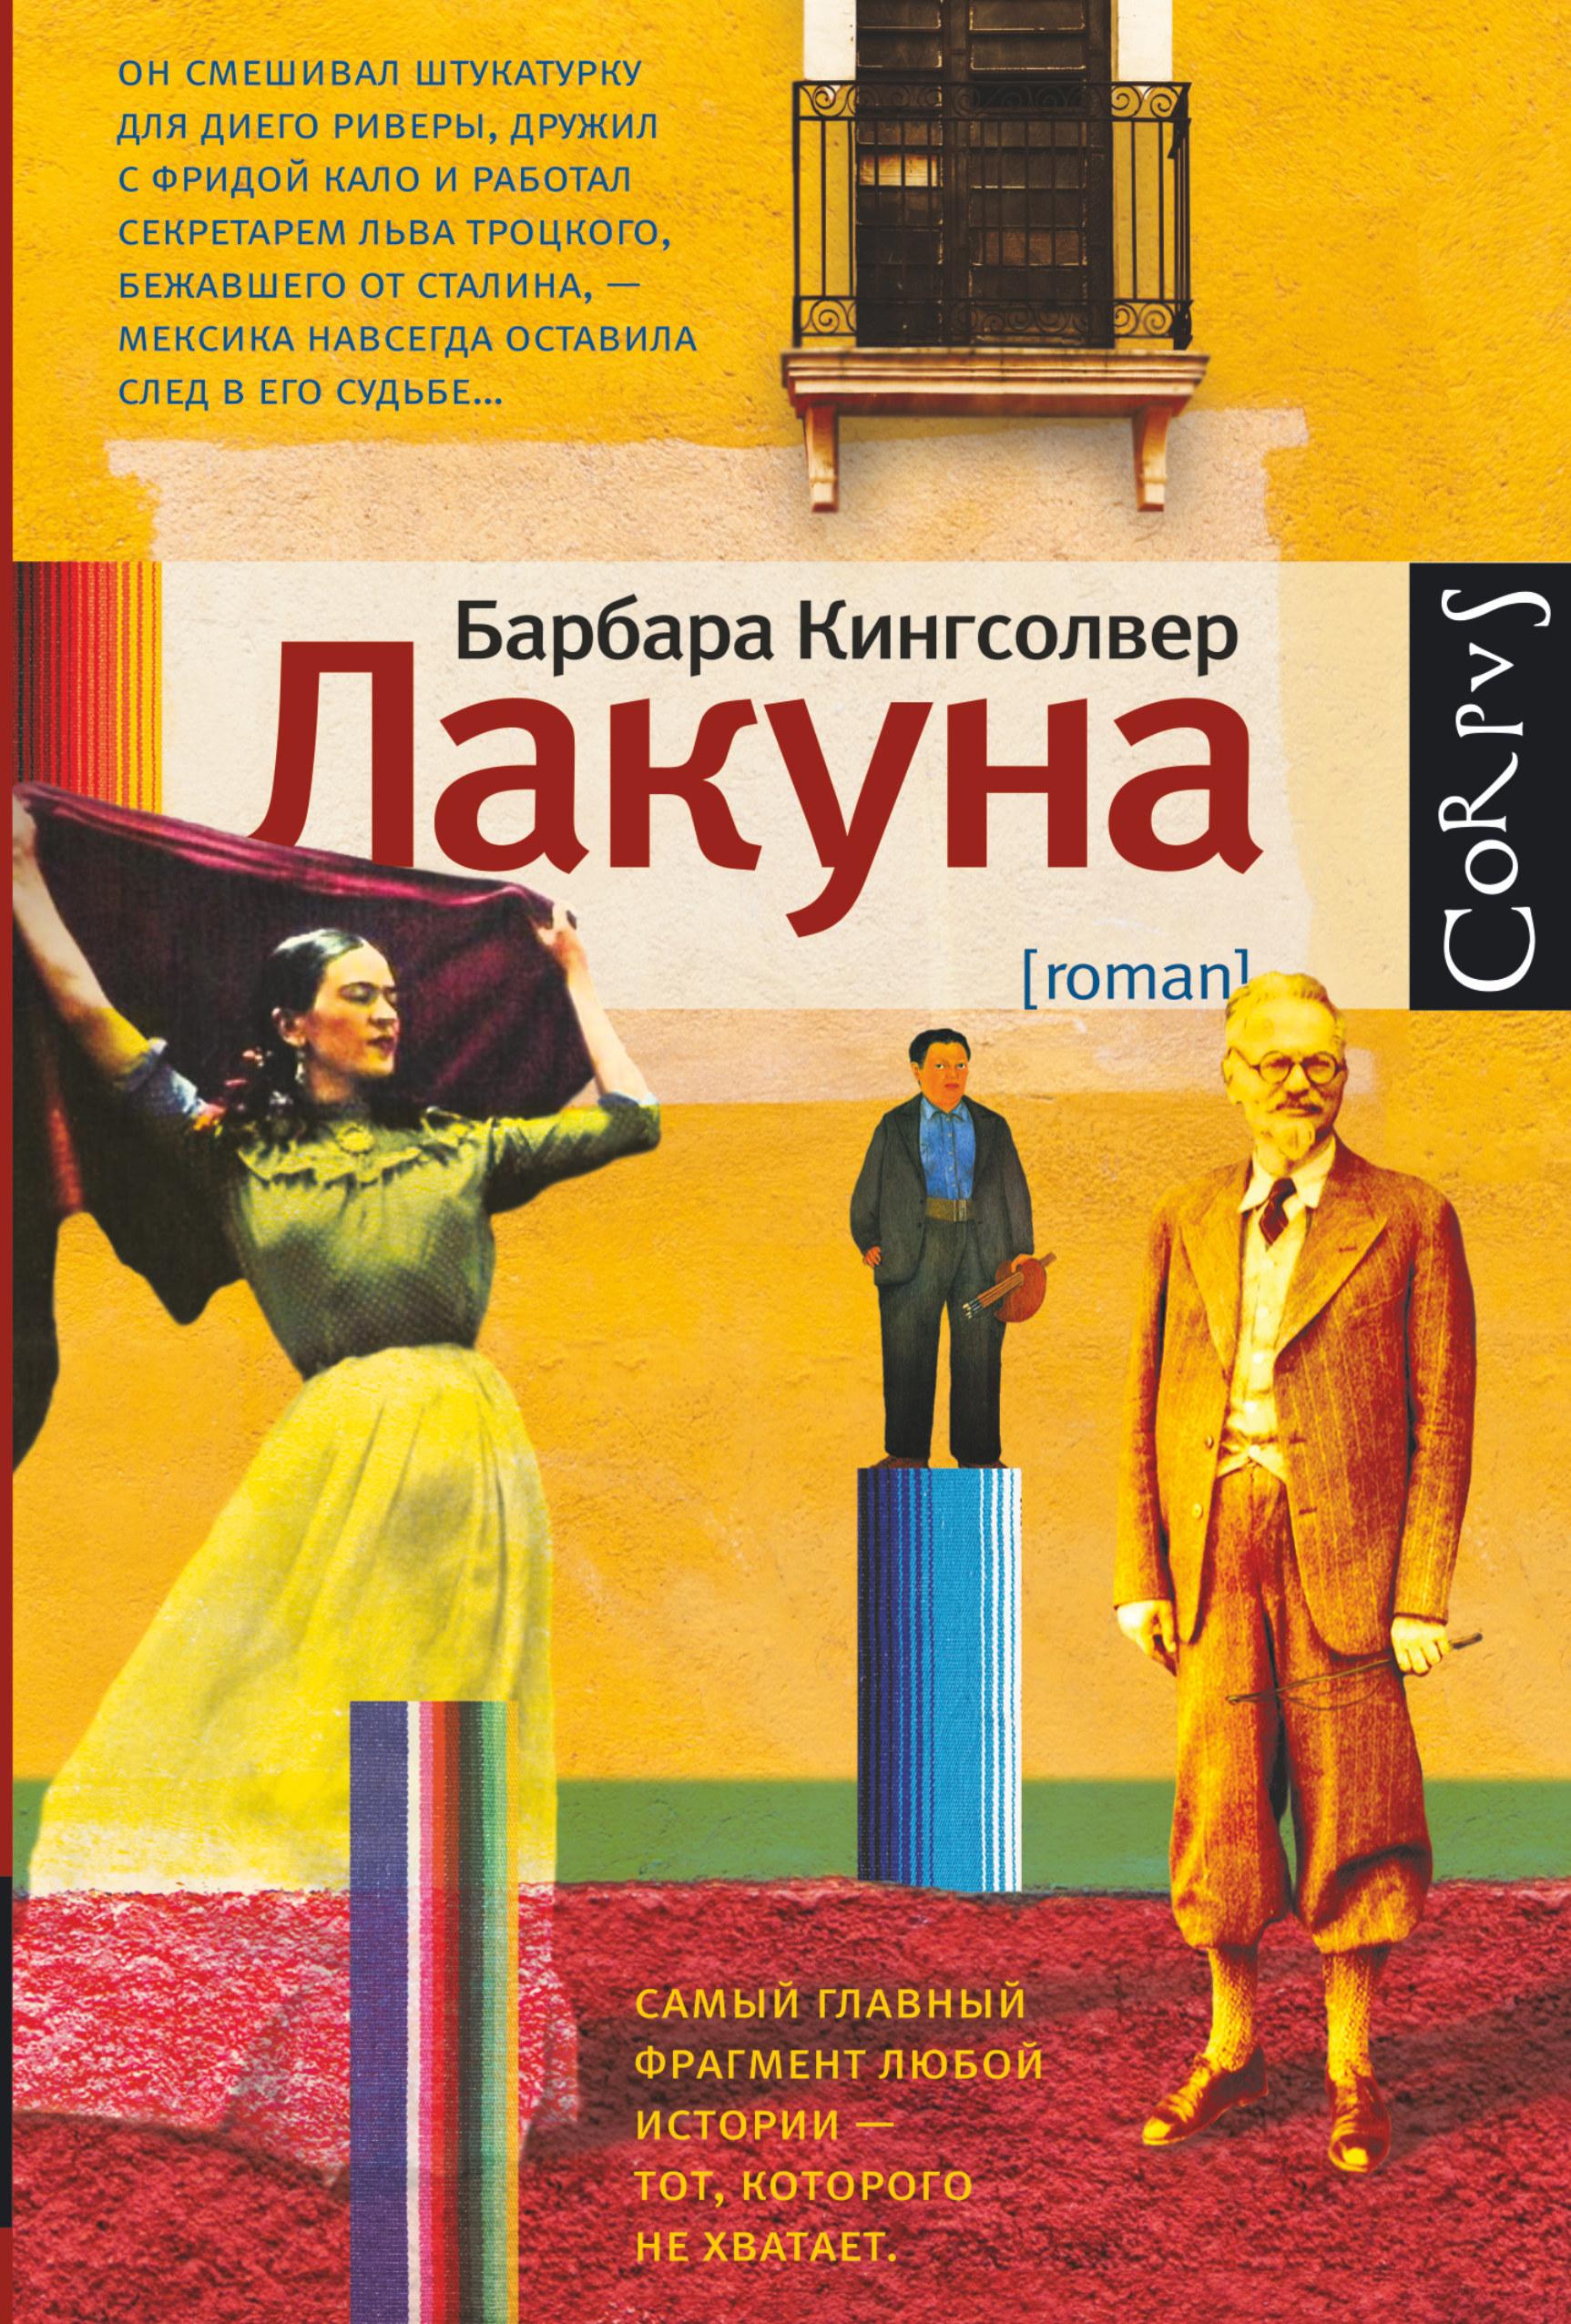 Лакуна от book24.ru